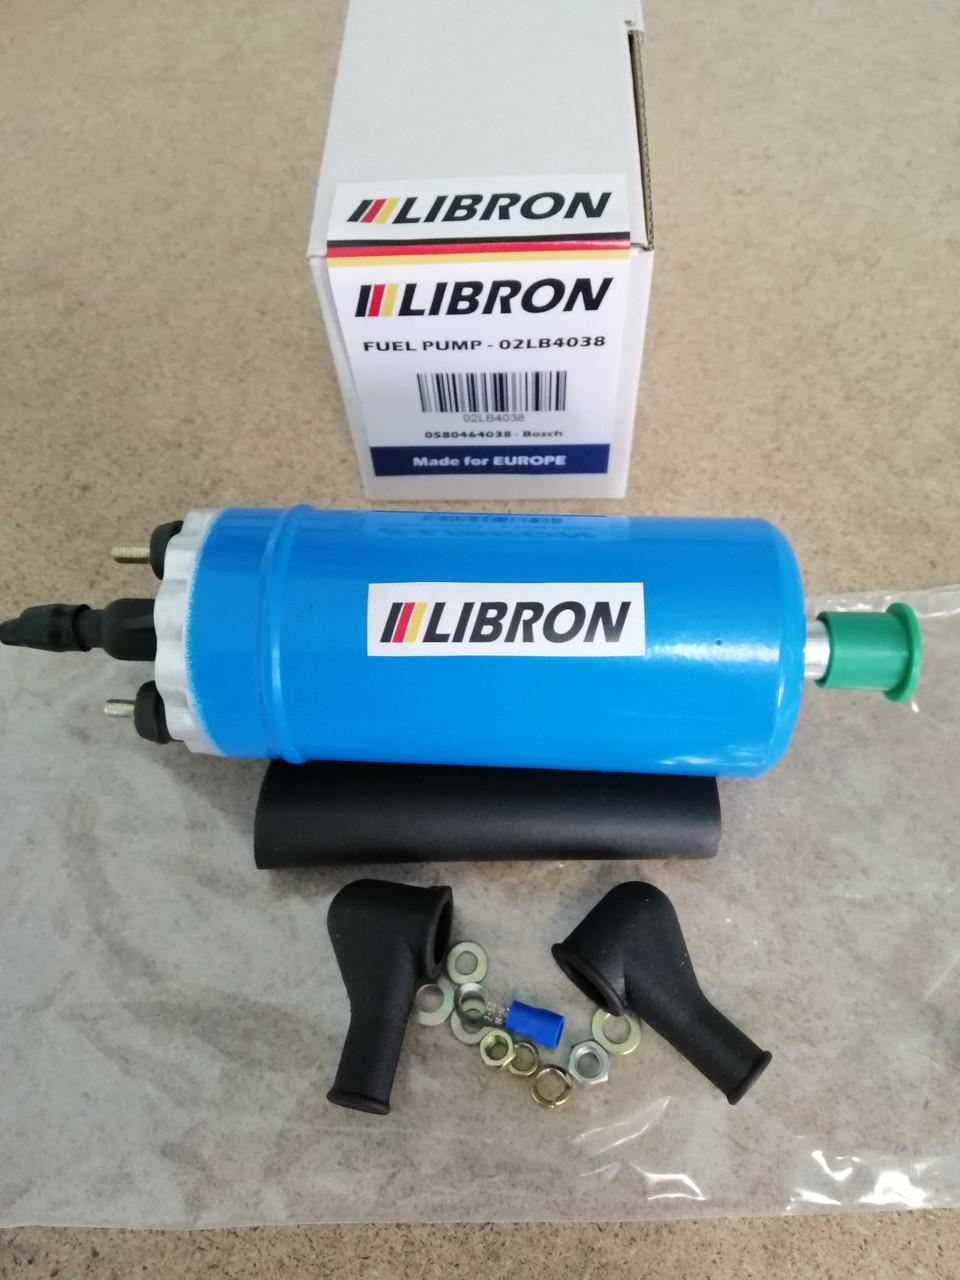 Топливный насос LIBRON 02LB4038 - Фиат Ритмо I (138A) 75 i.e. 1.5 (1985-1987)